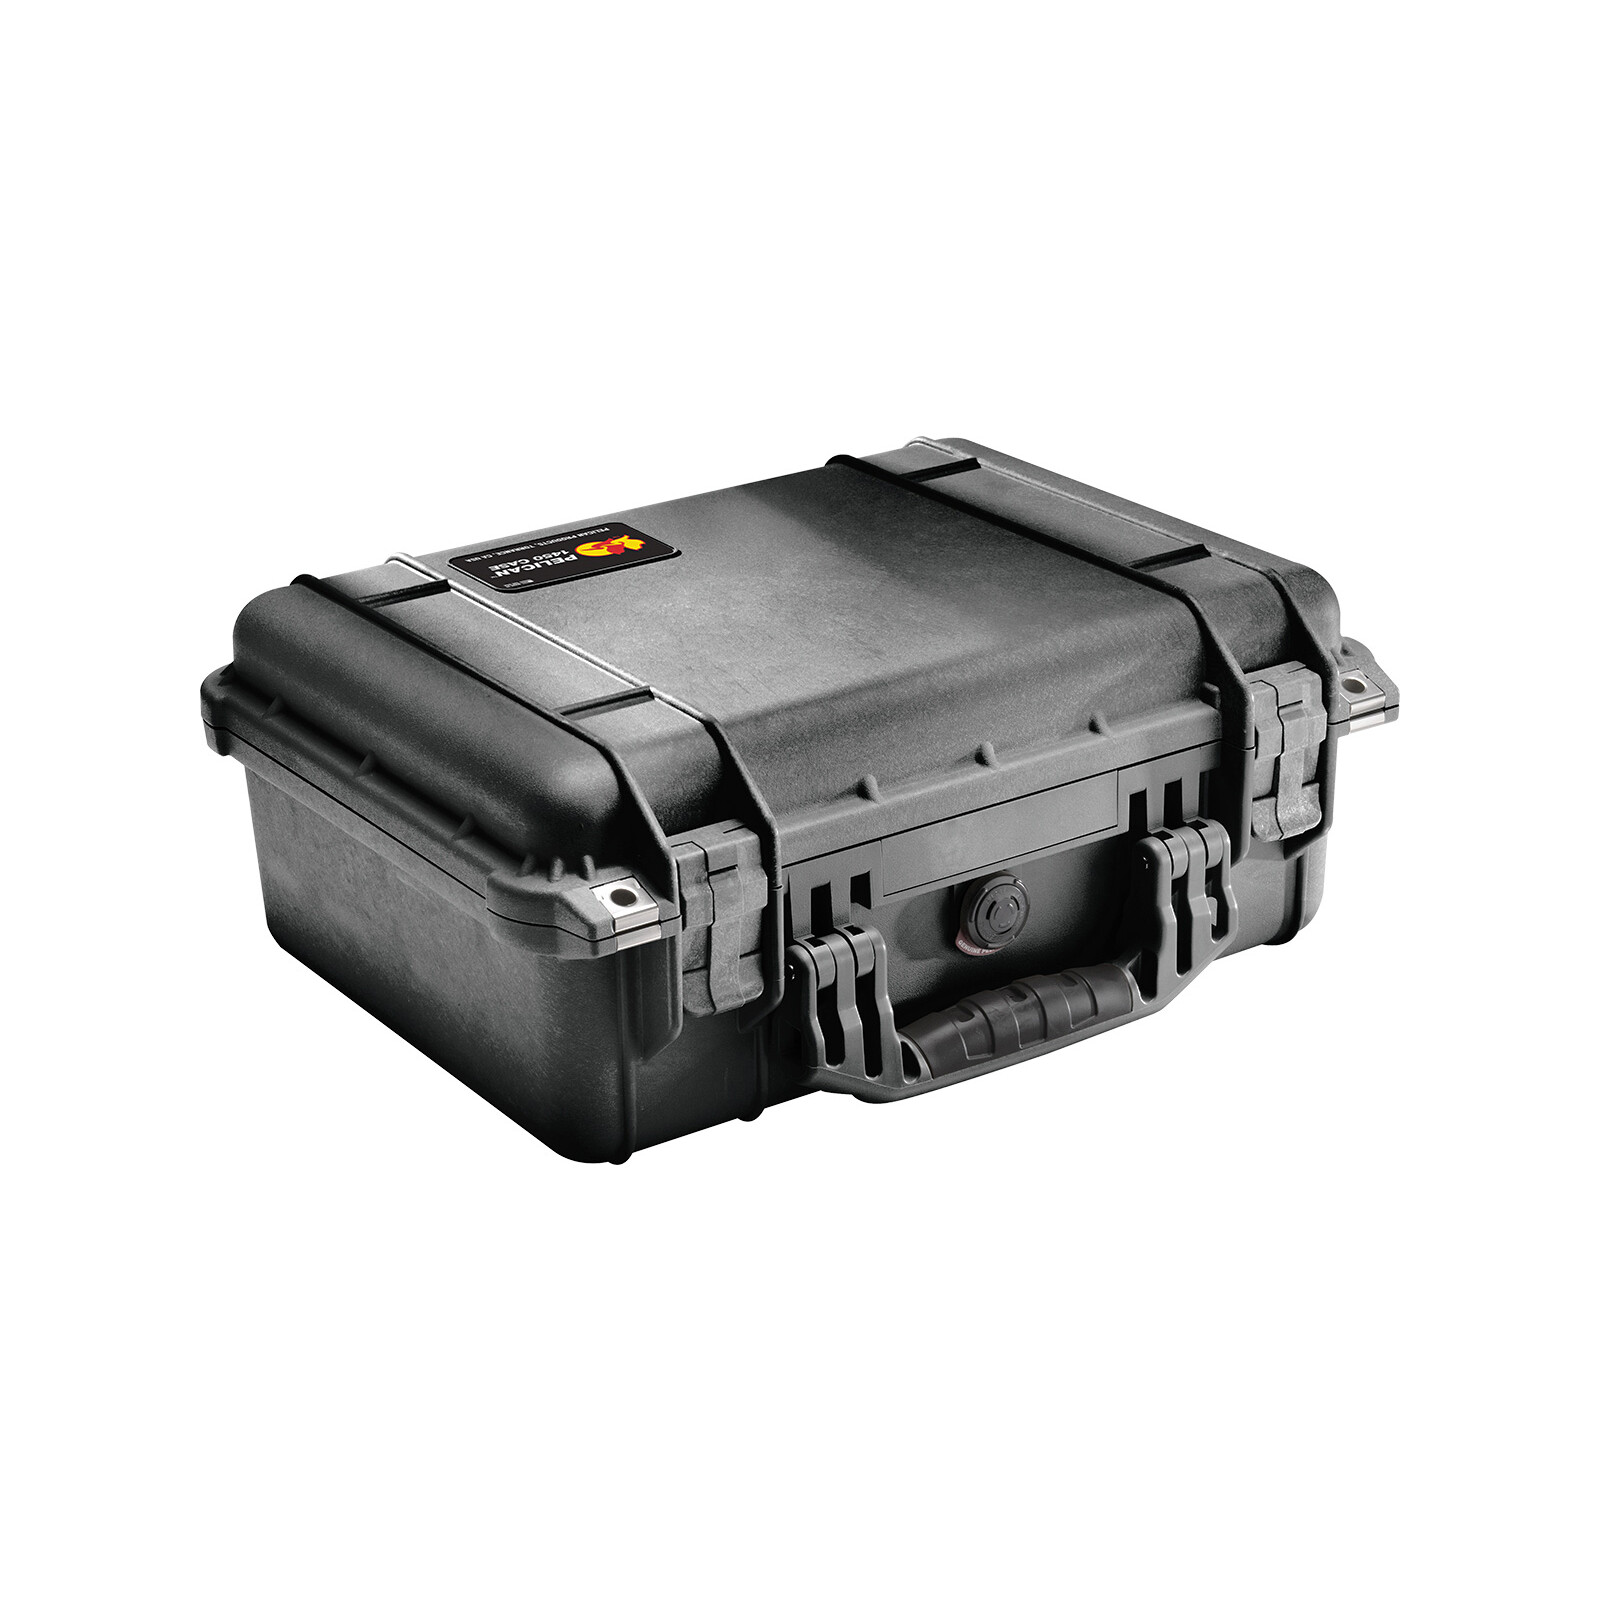 PELI 1450 Case mit Stegausrüstung